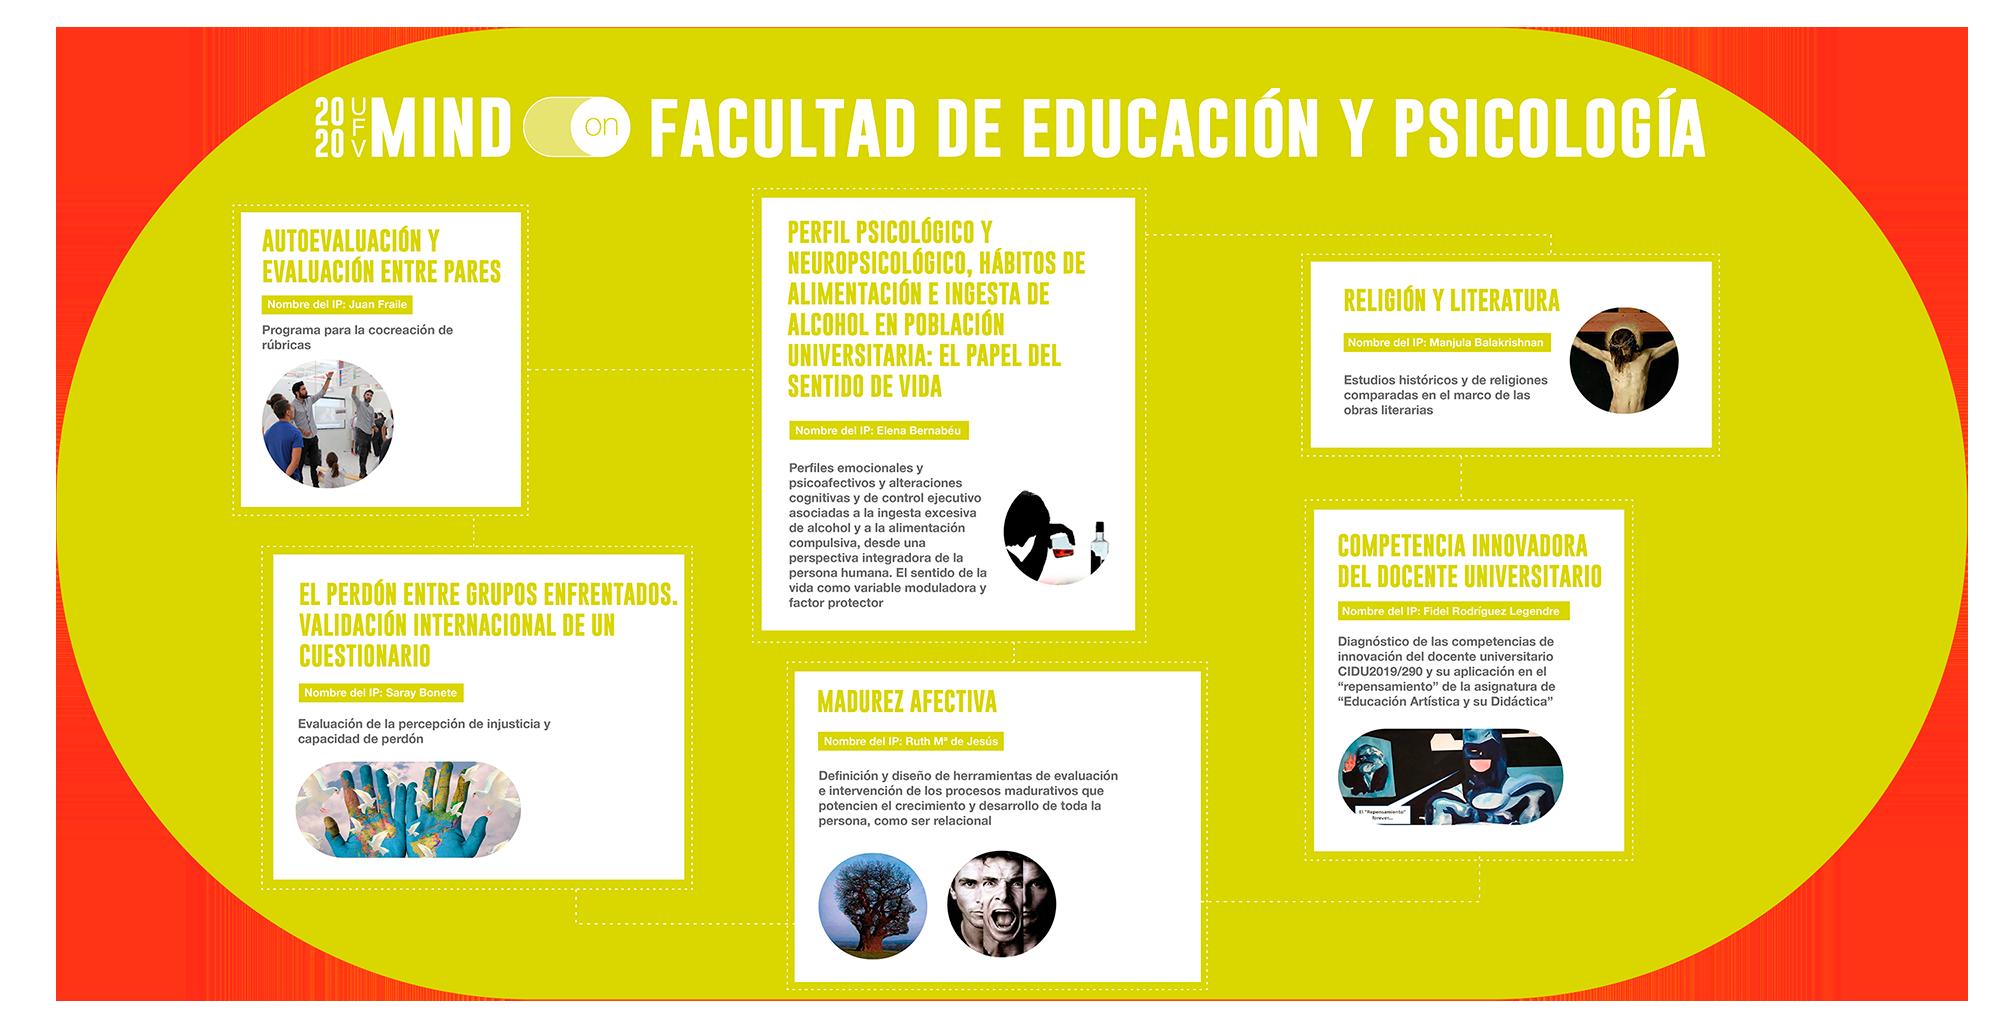 educación psicología ufv